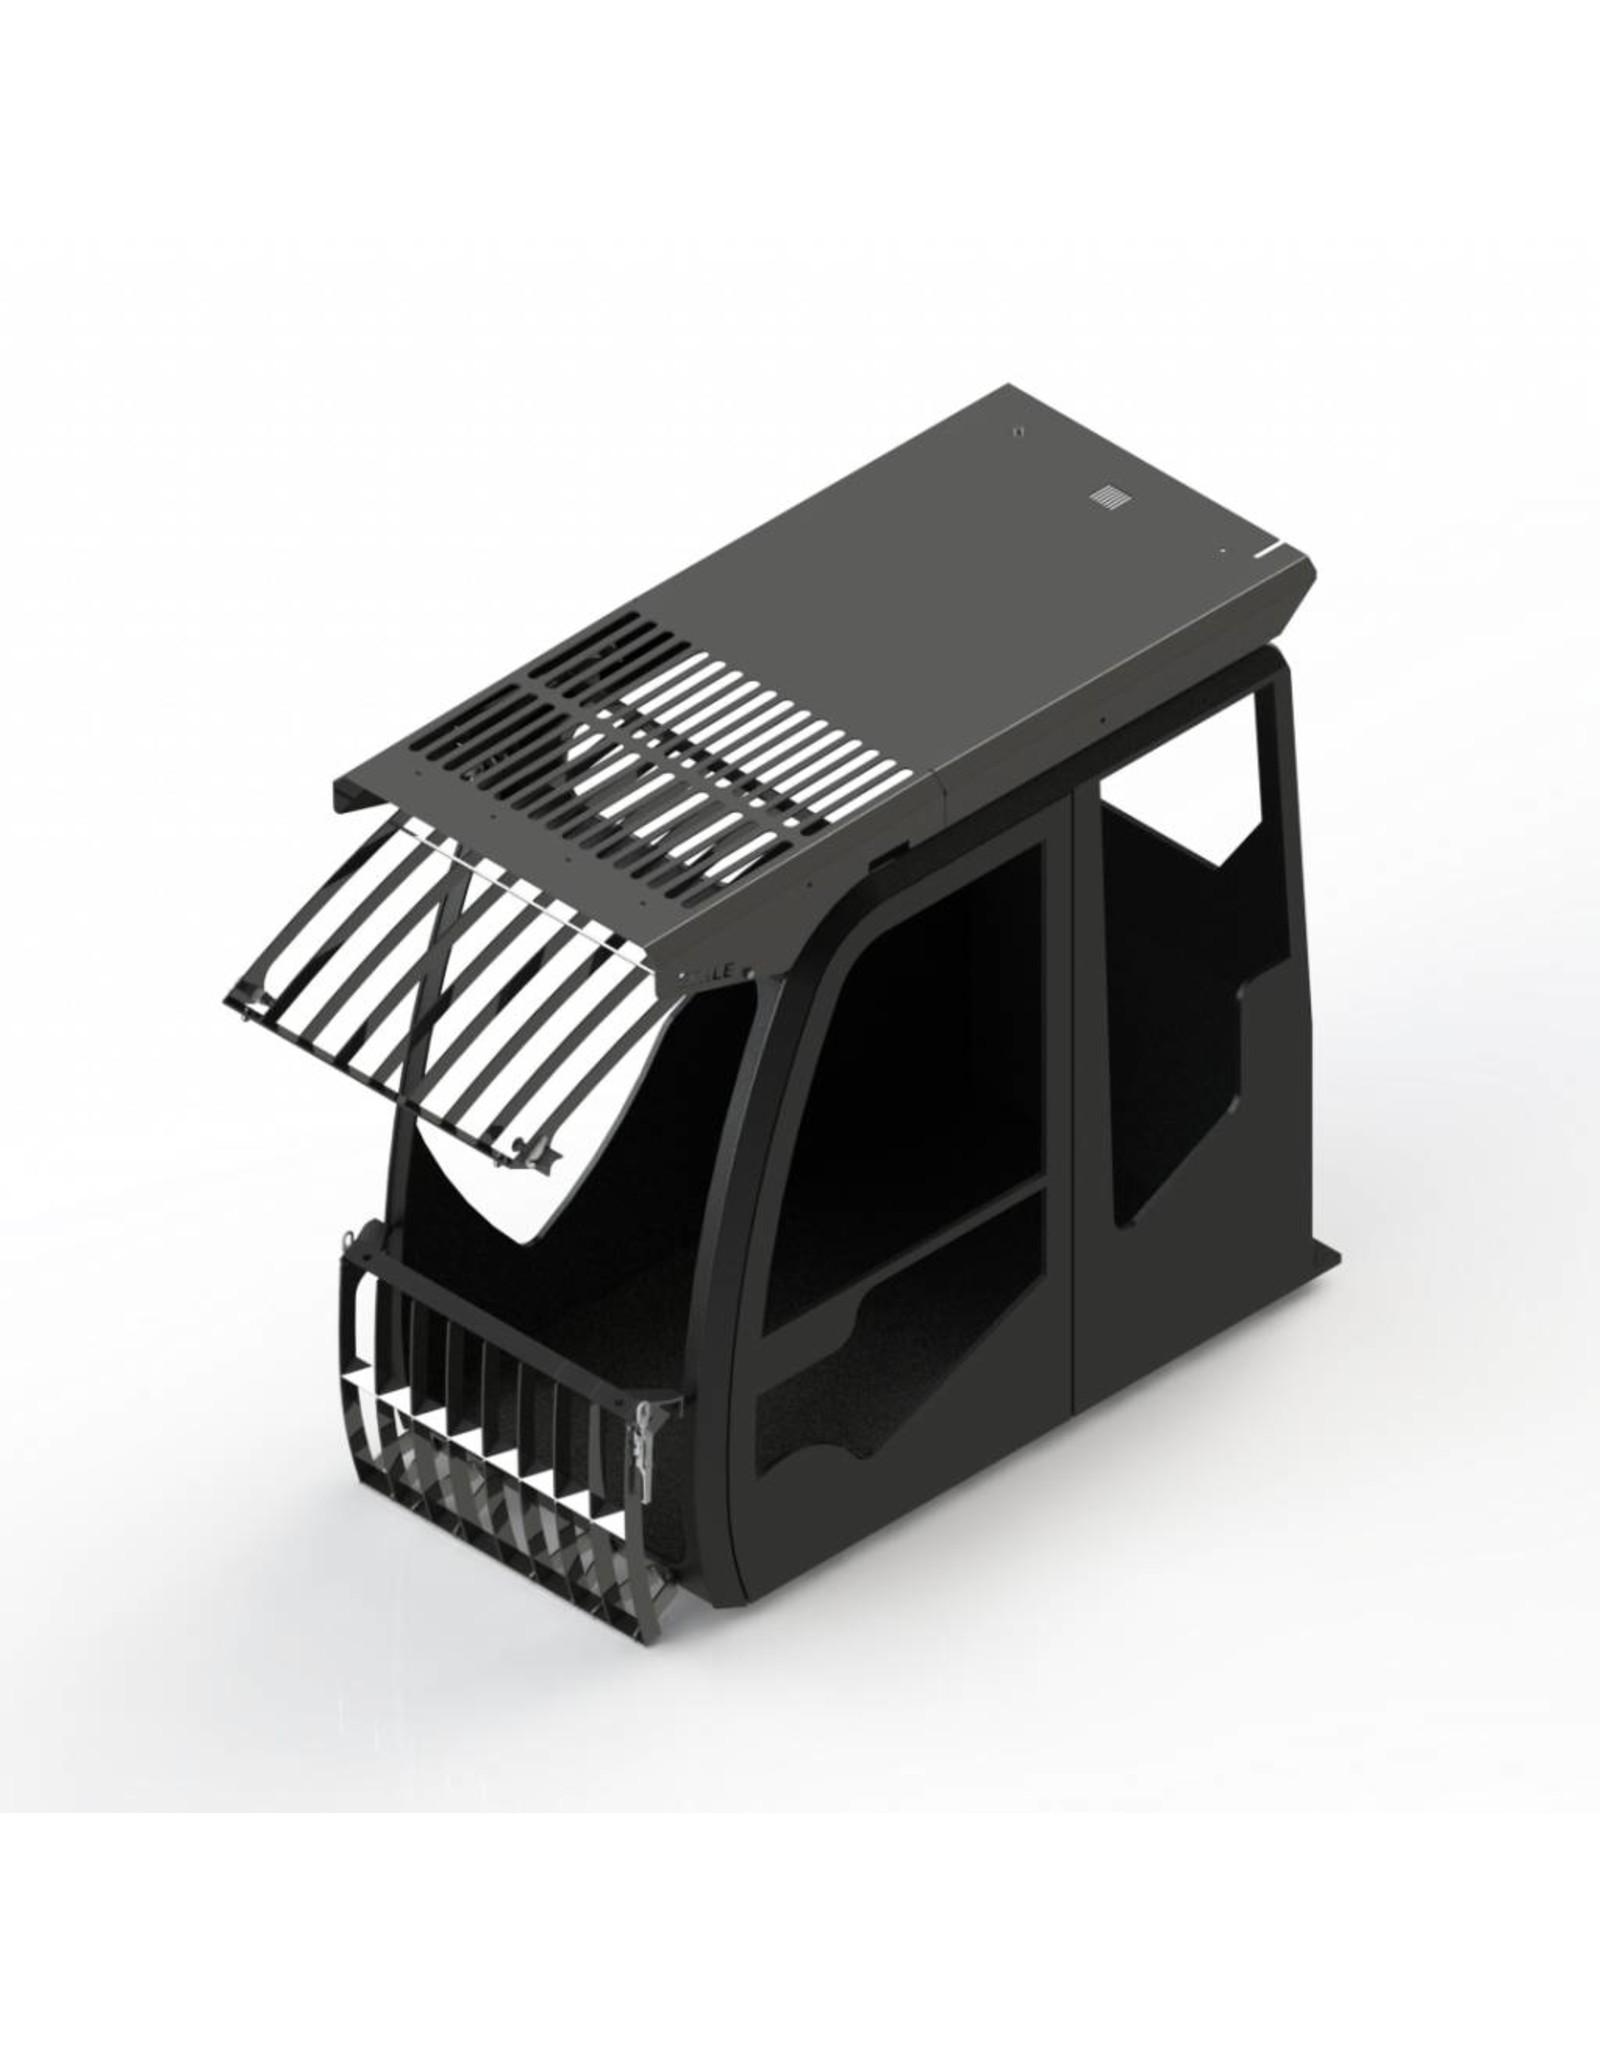 Echle Hartstahl GmbH FOPS pour Doosan DX210W-5